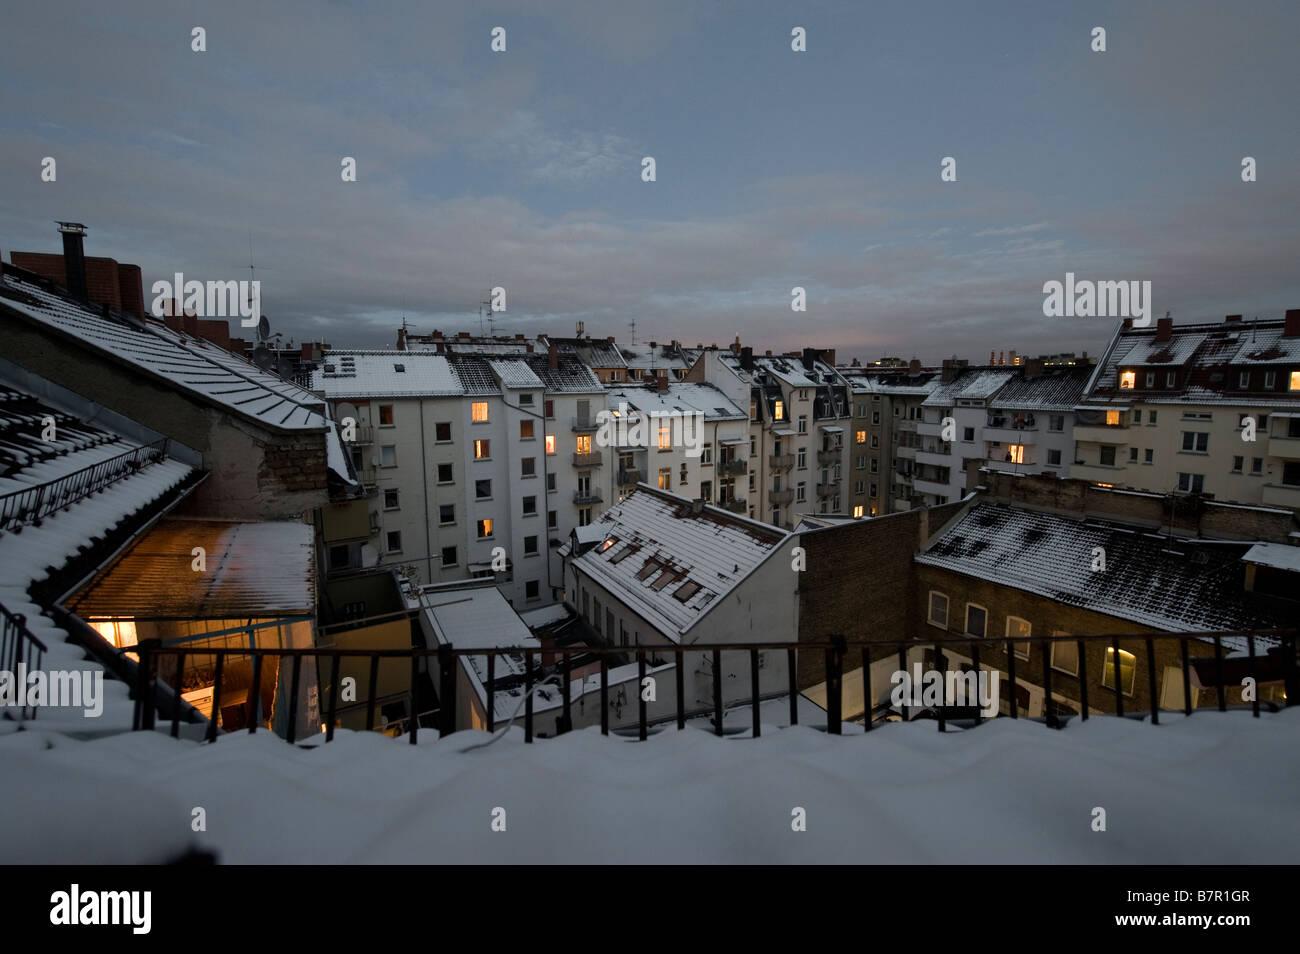 Lieblich Tiefster Winter Hinterhof Landschaft